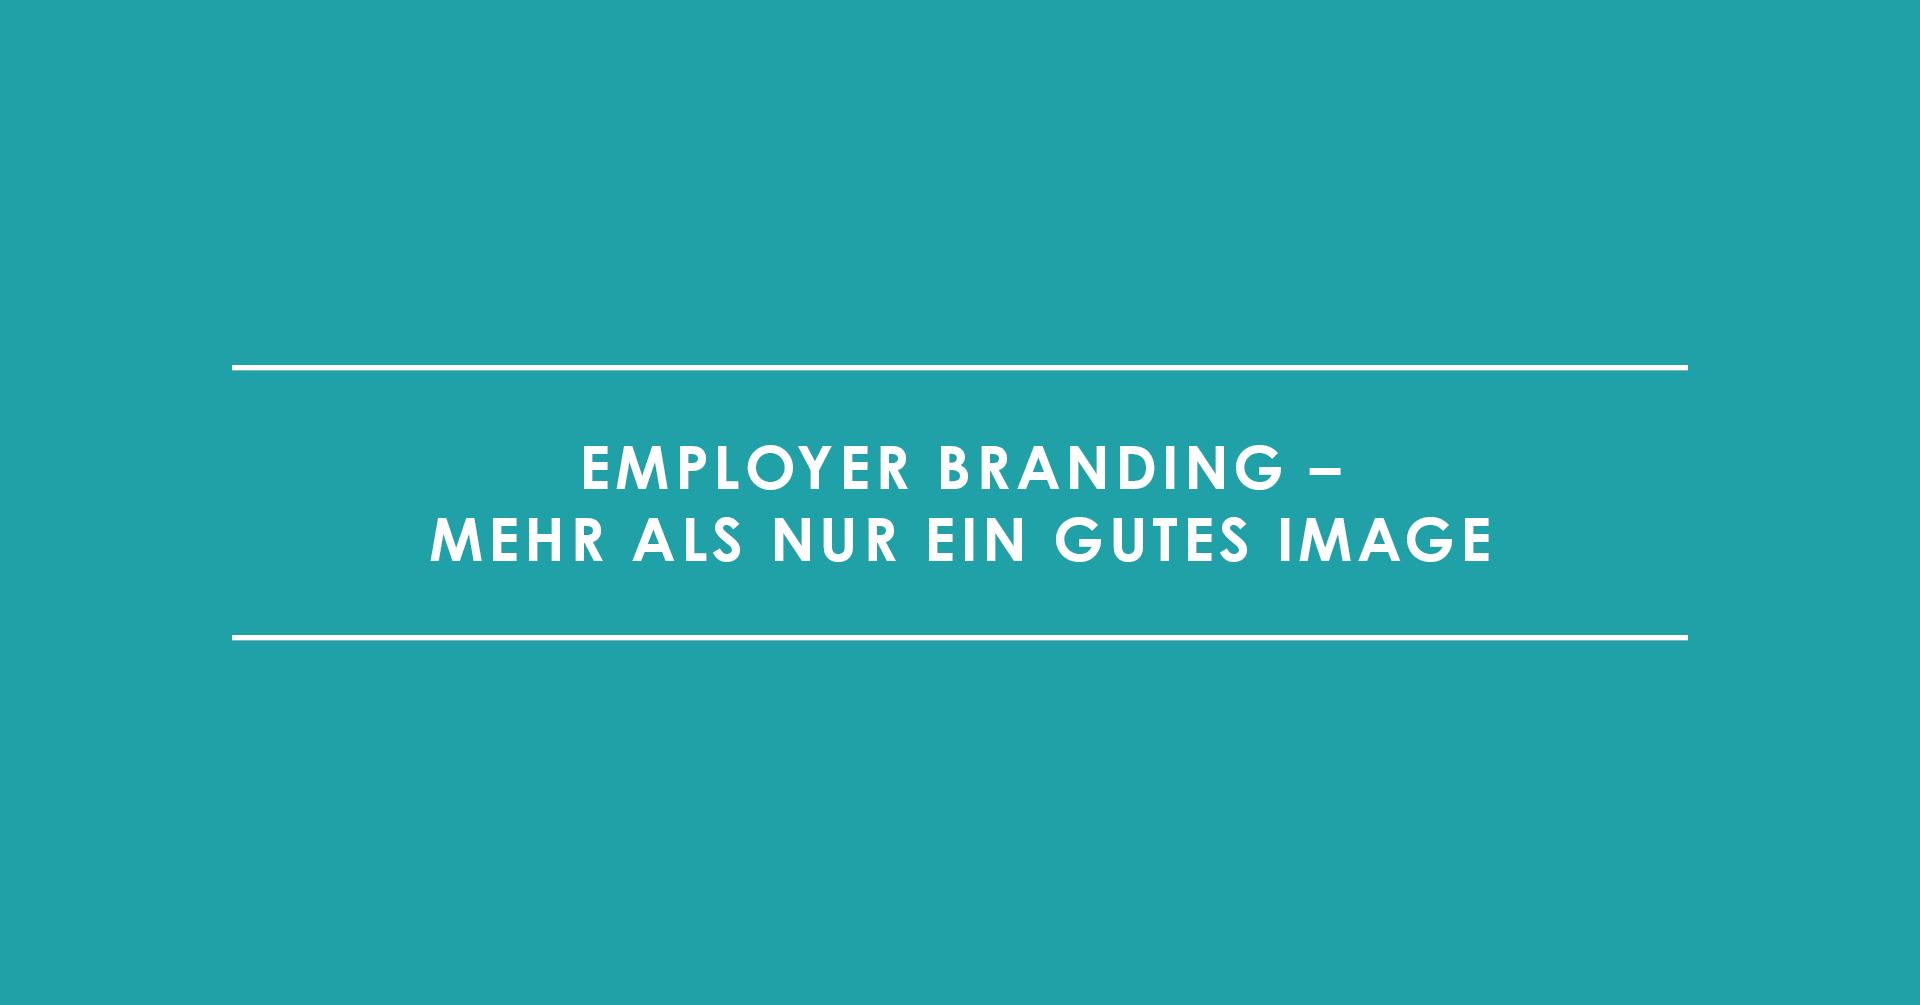 TRIALTA Employer Branding - mehr als nur ein gutes Image